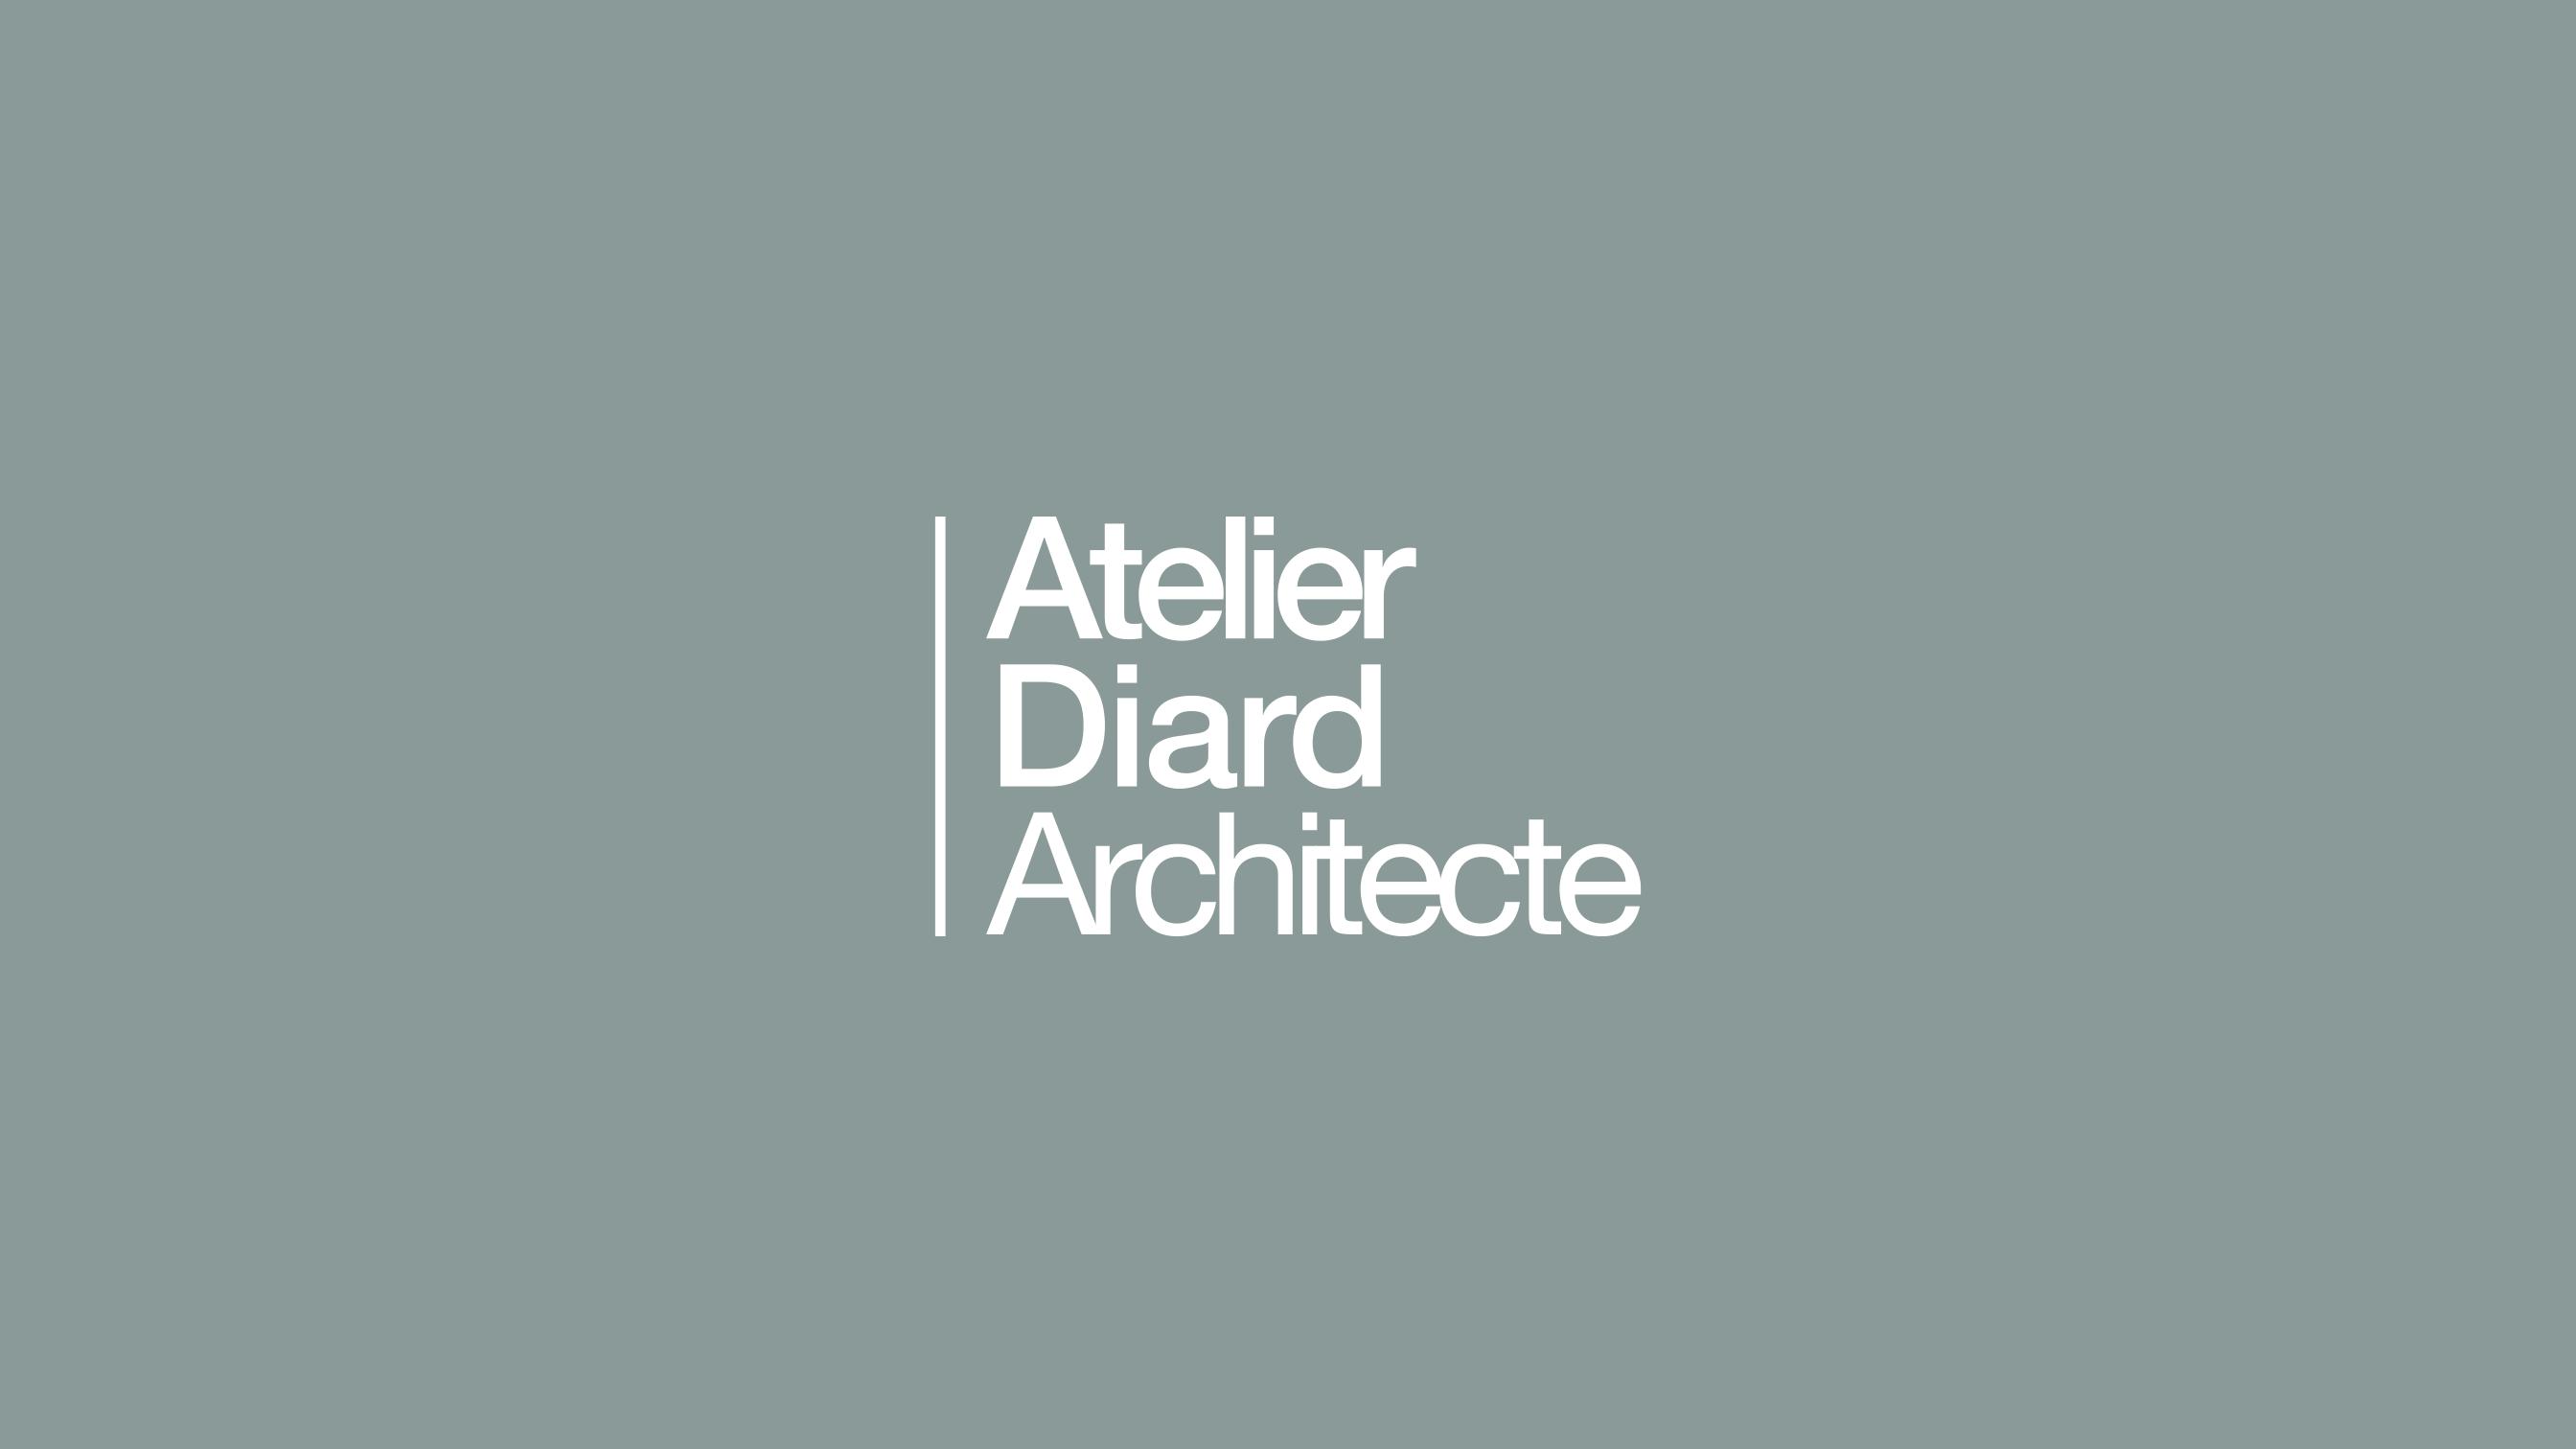 atelierdiardarchitecte-logotype-pikteo